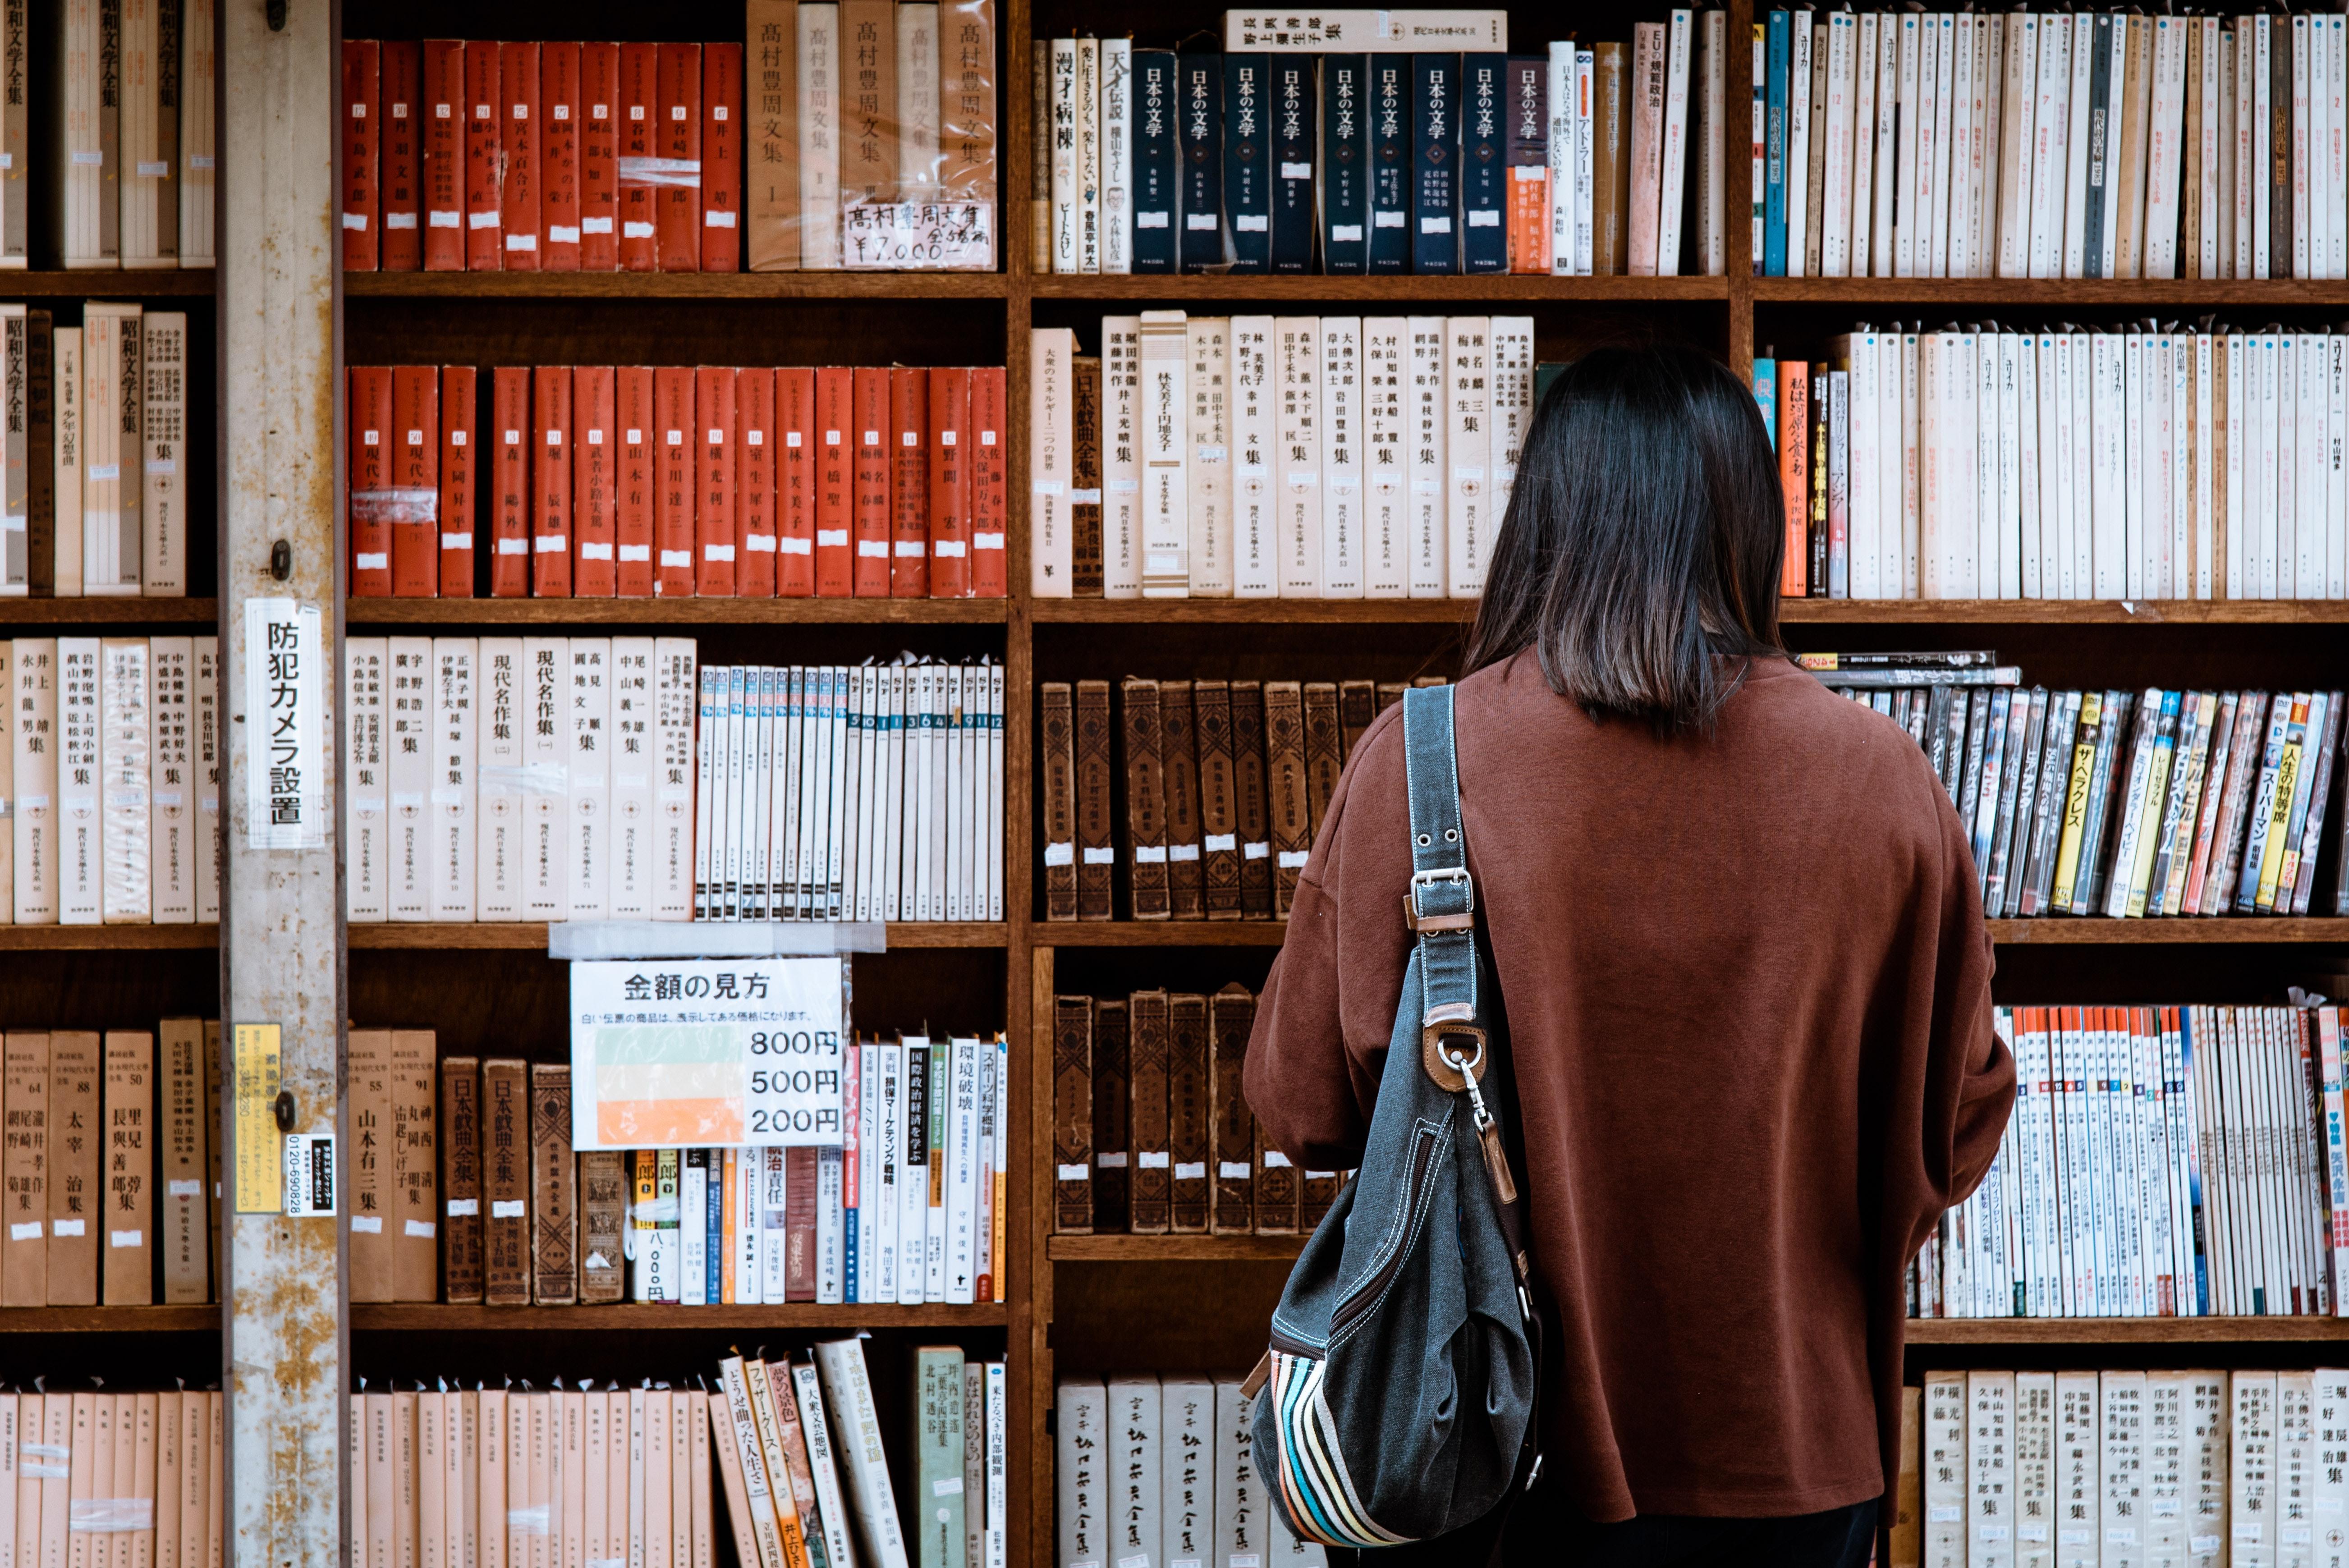 book-bookcase-books-1106468 (1)